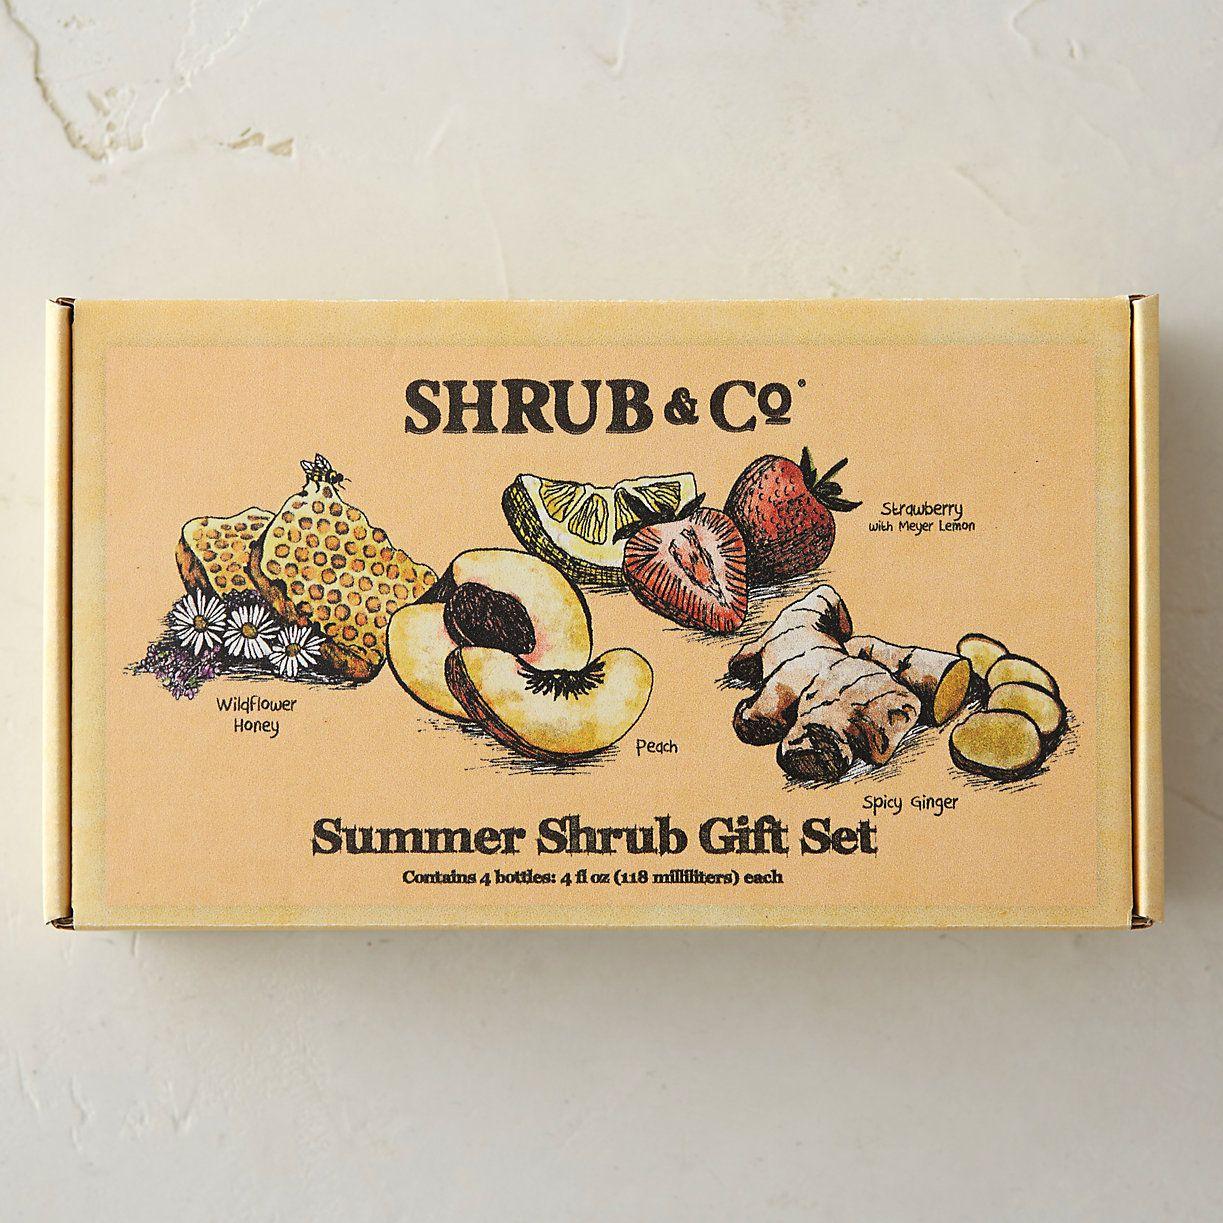 Shrub & Co. Summer Shrub Gift Set